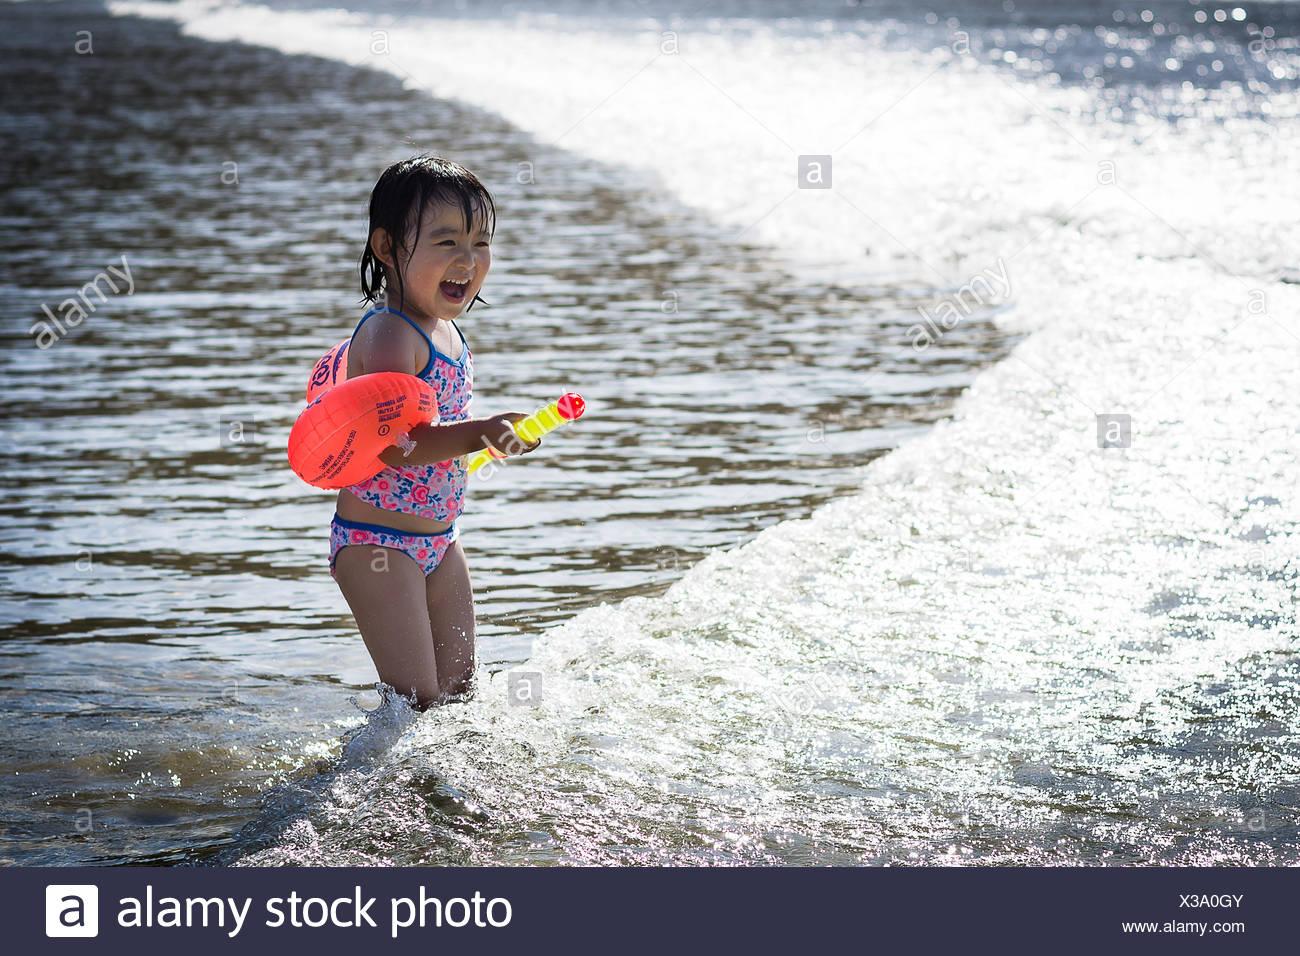 Mädchen tragen Badeanzug und rote Schwimmflügel spielen in gekräuselte See Stockbild